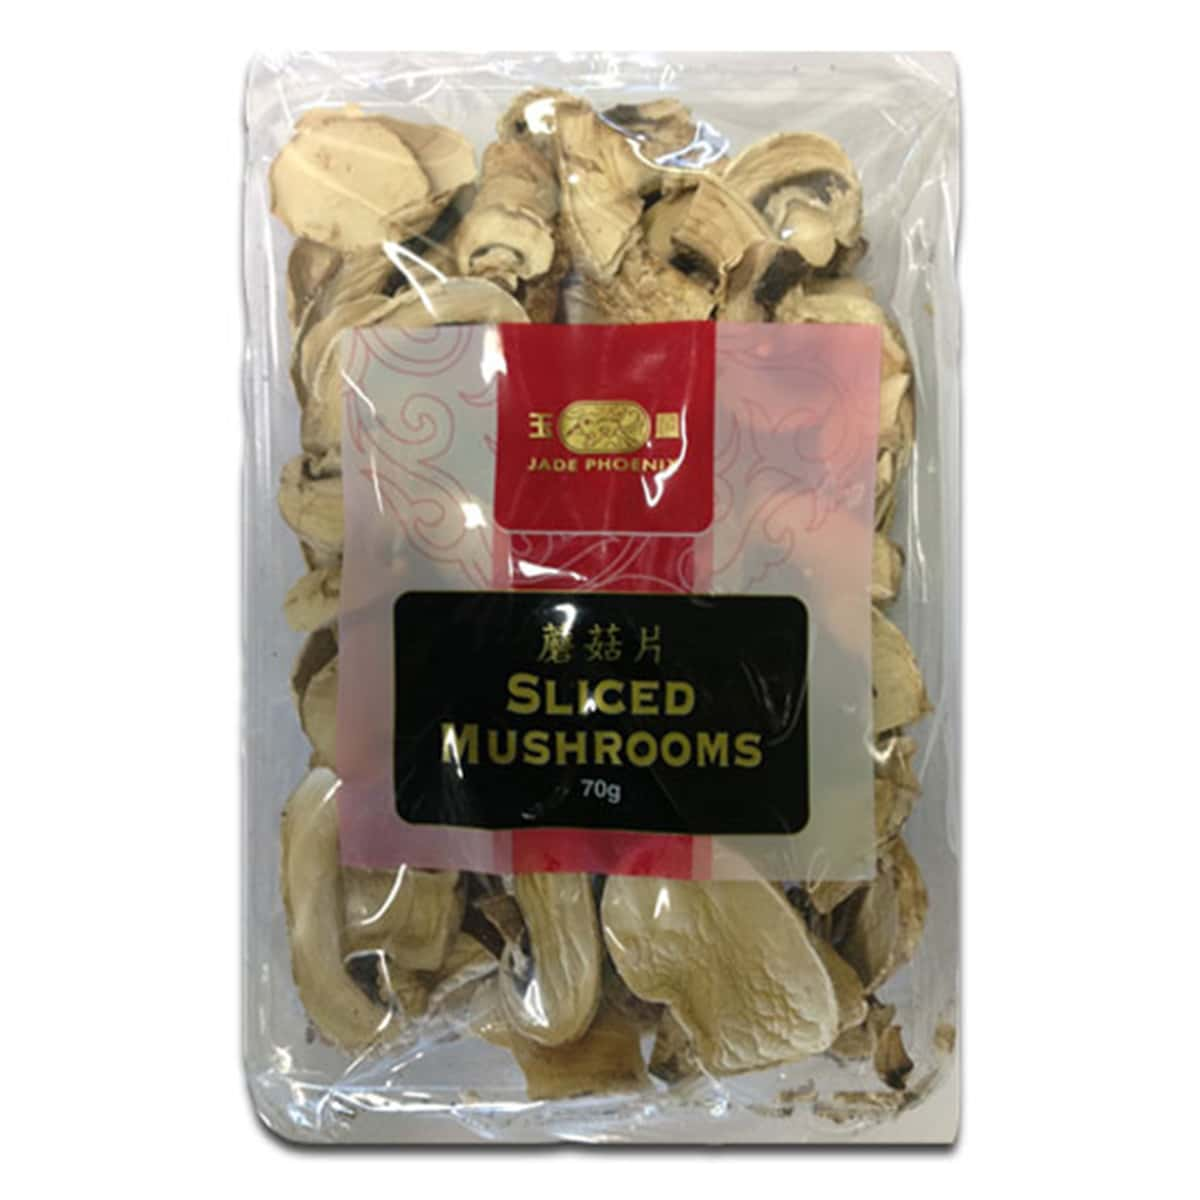 Buy Jade Phoenix Sliced Mushrooms - 70 gm